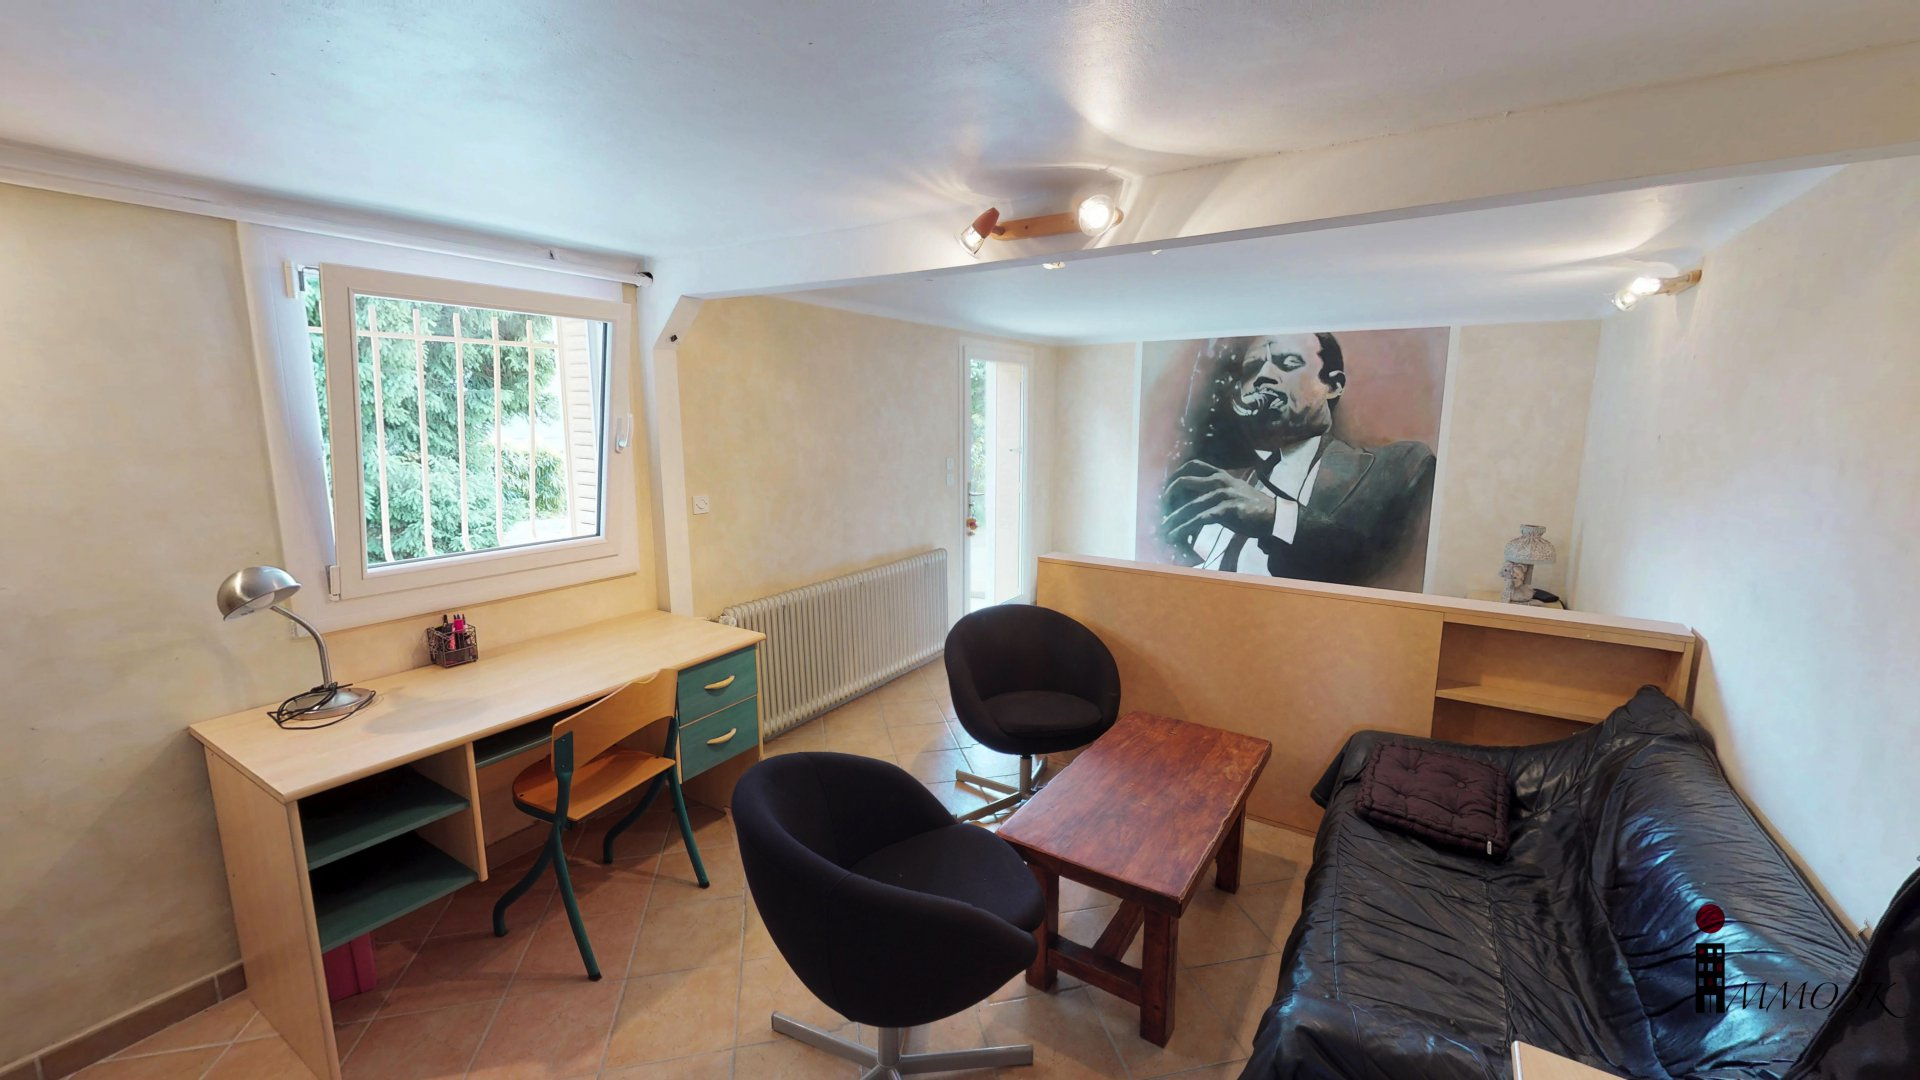 Maison 121m2 - 5 pièces - 3 chambres